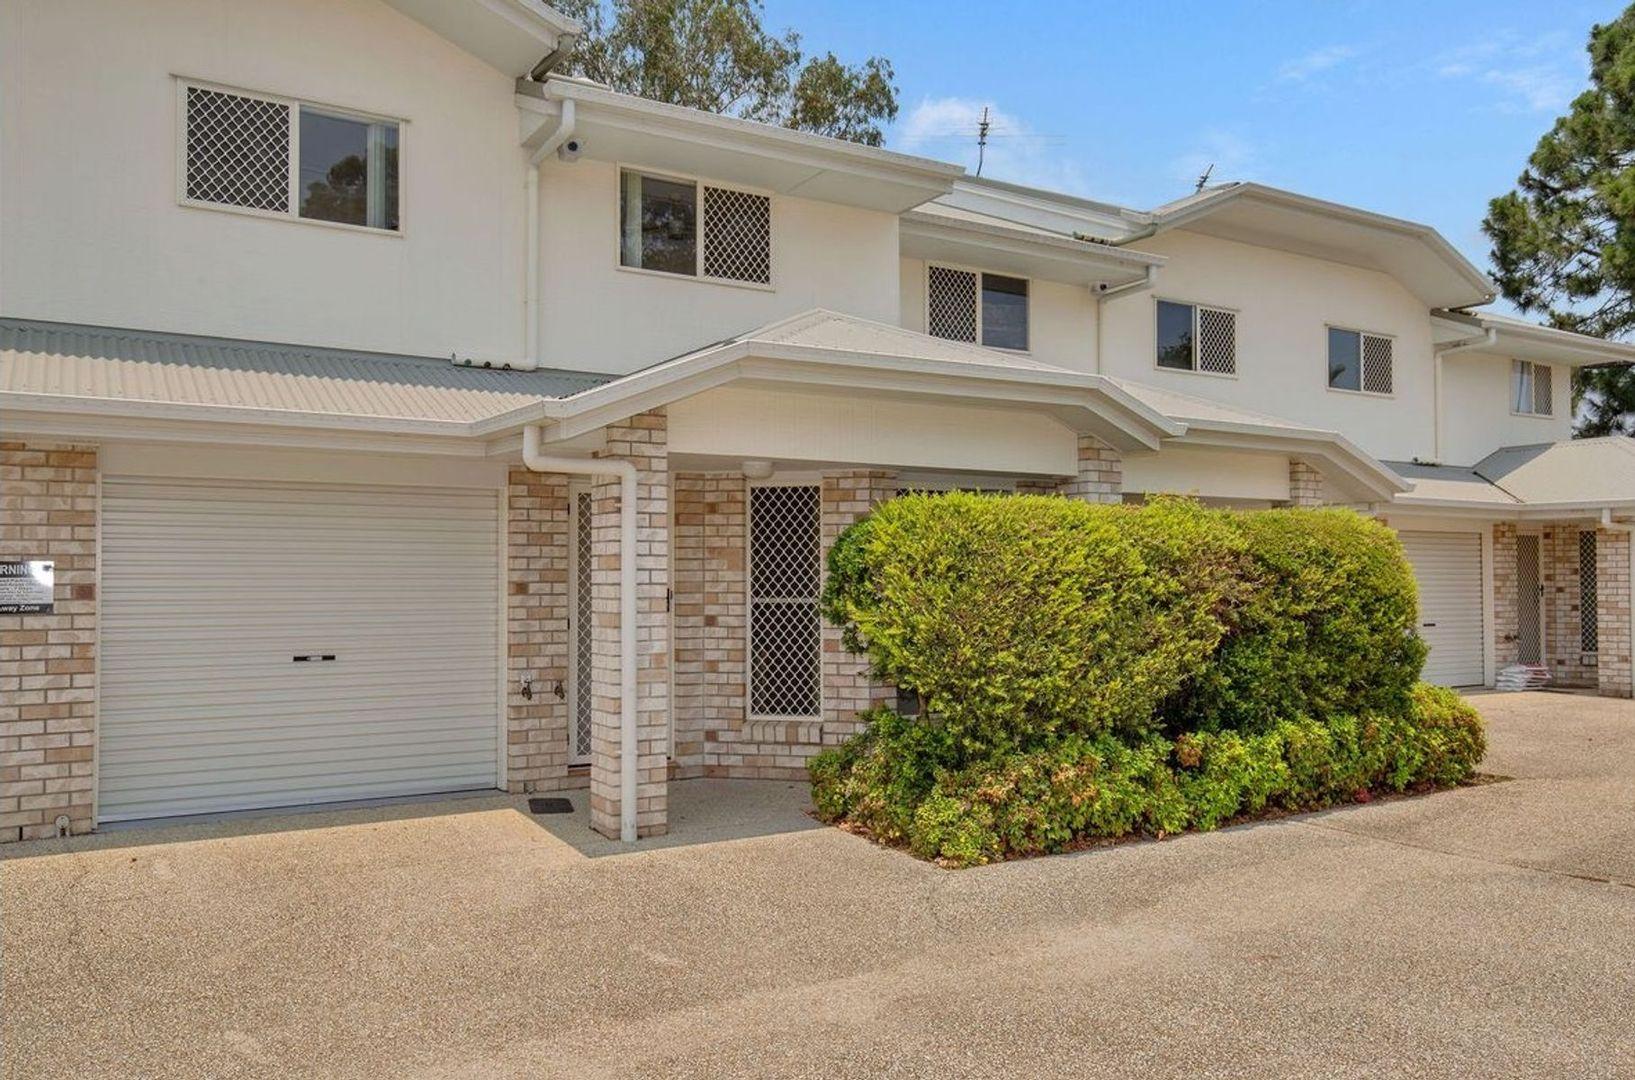 5/95 River Hills Road, Eagleby QLD 4207, Image 1